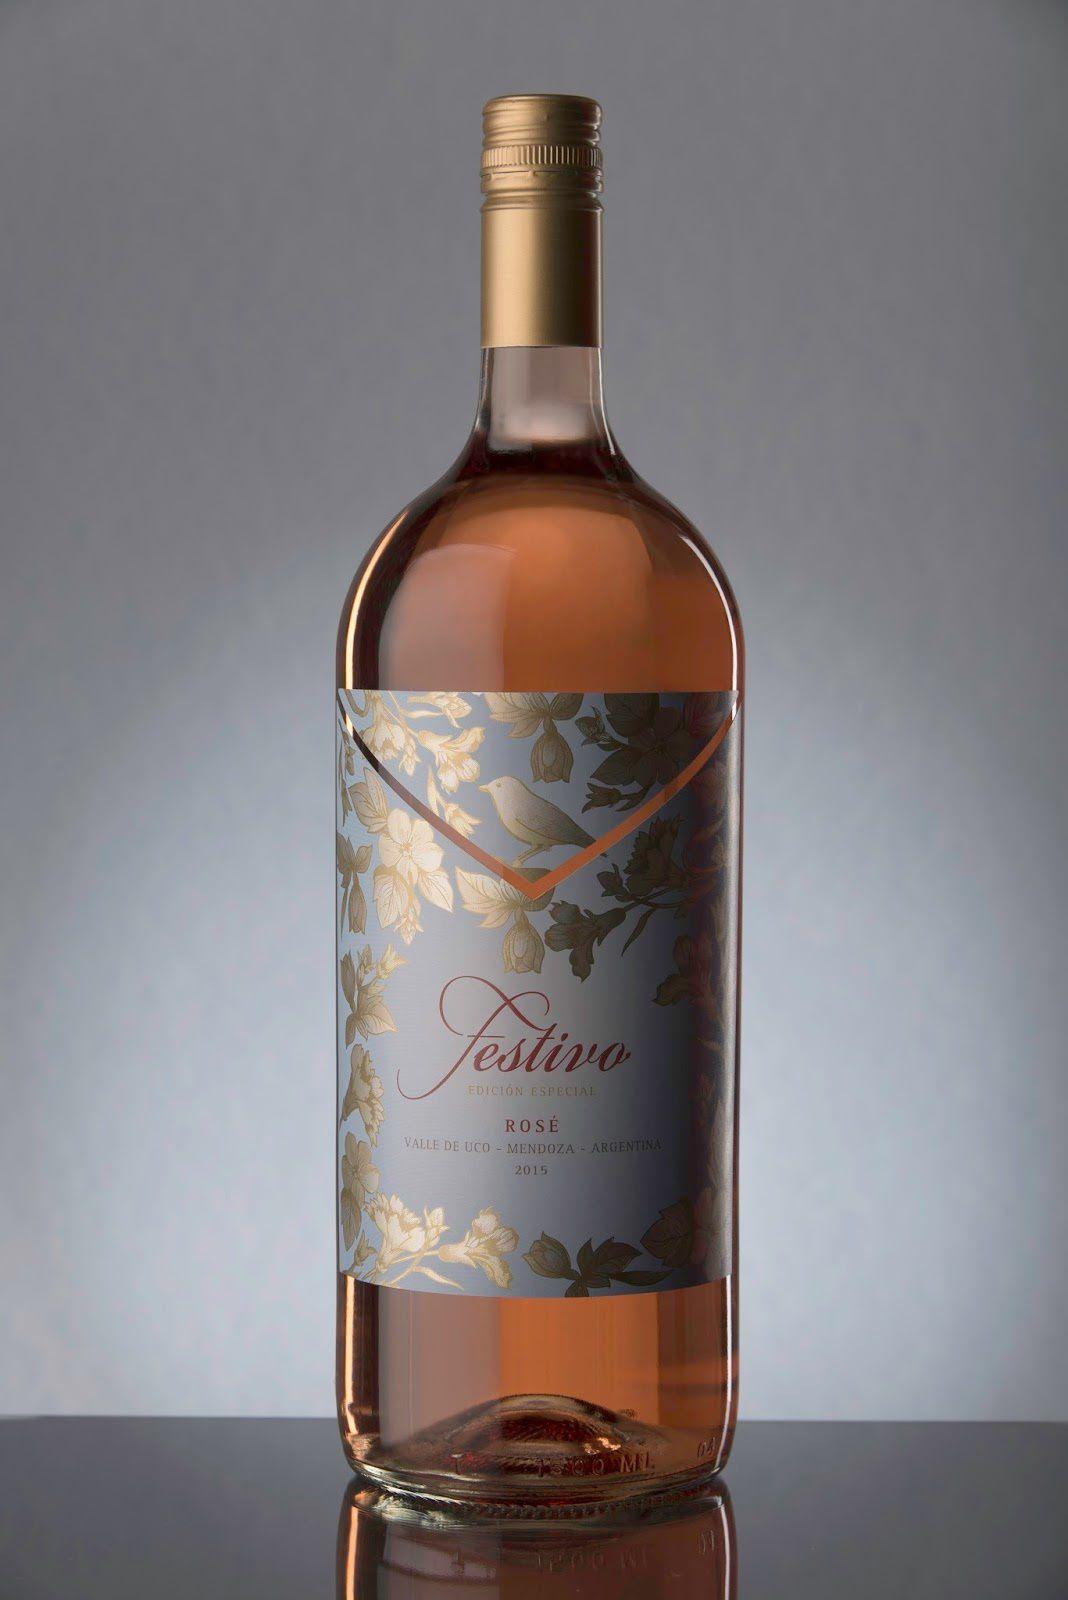 Festivo Rosé - Bodega Monteviejo (vin rosé) | Design : Arena-Bahamonde, Mendoza, Argentine (mars 2016)